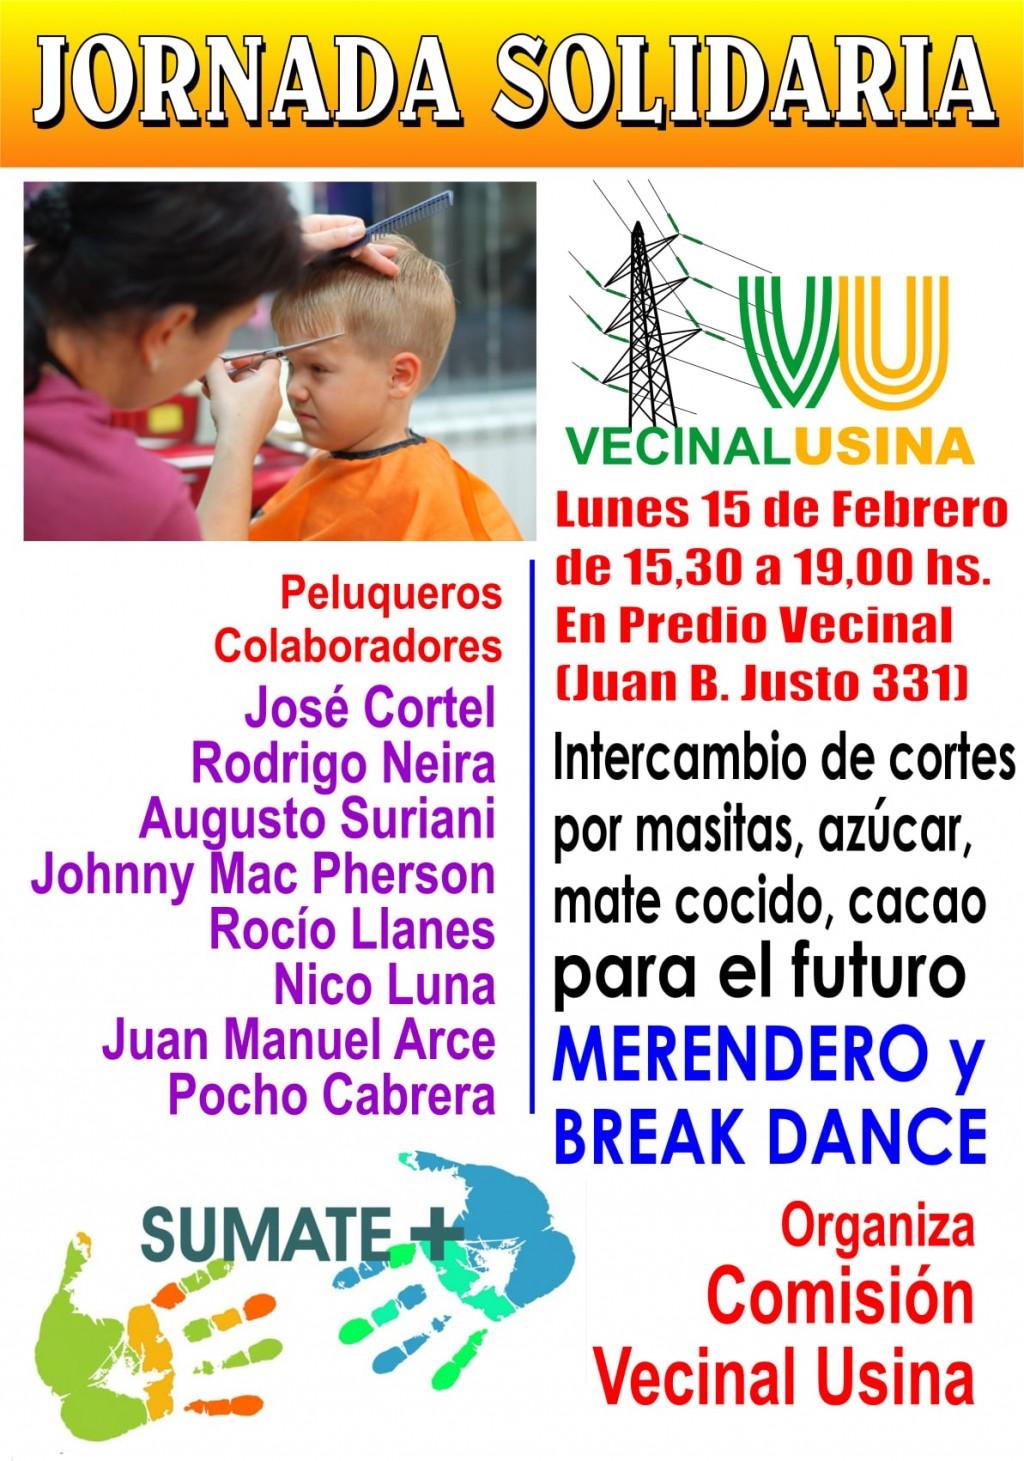 Jornada Solidaria en Vecinal Usina